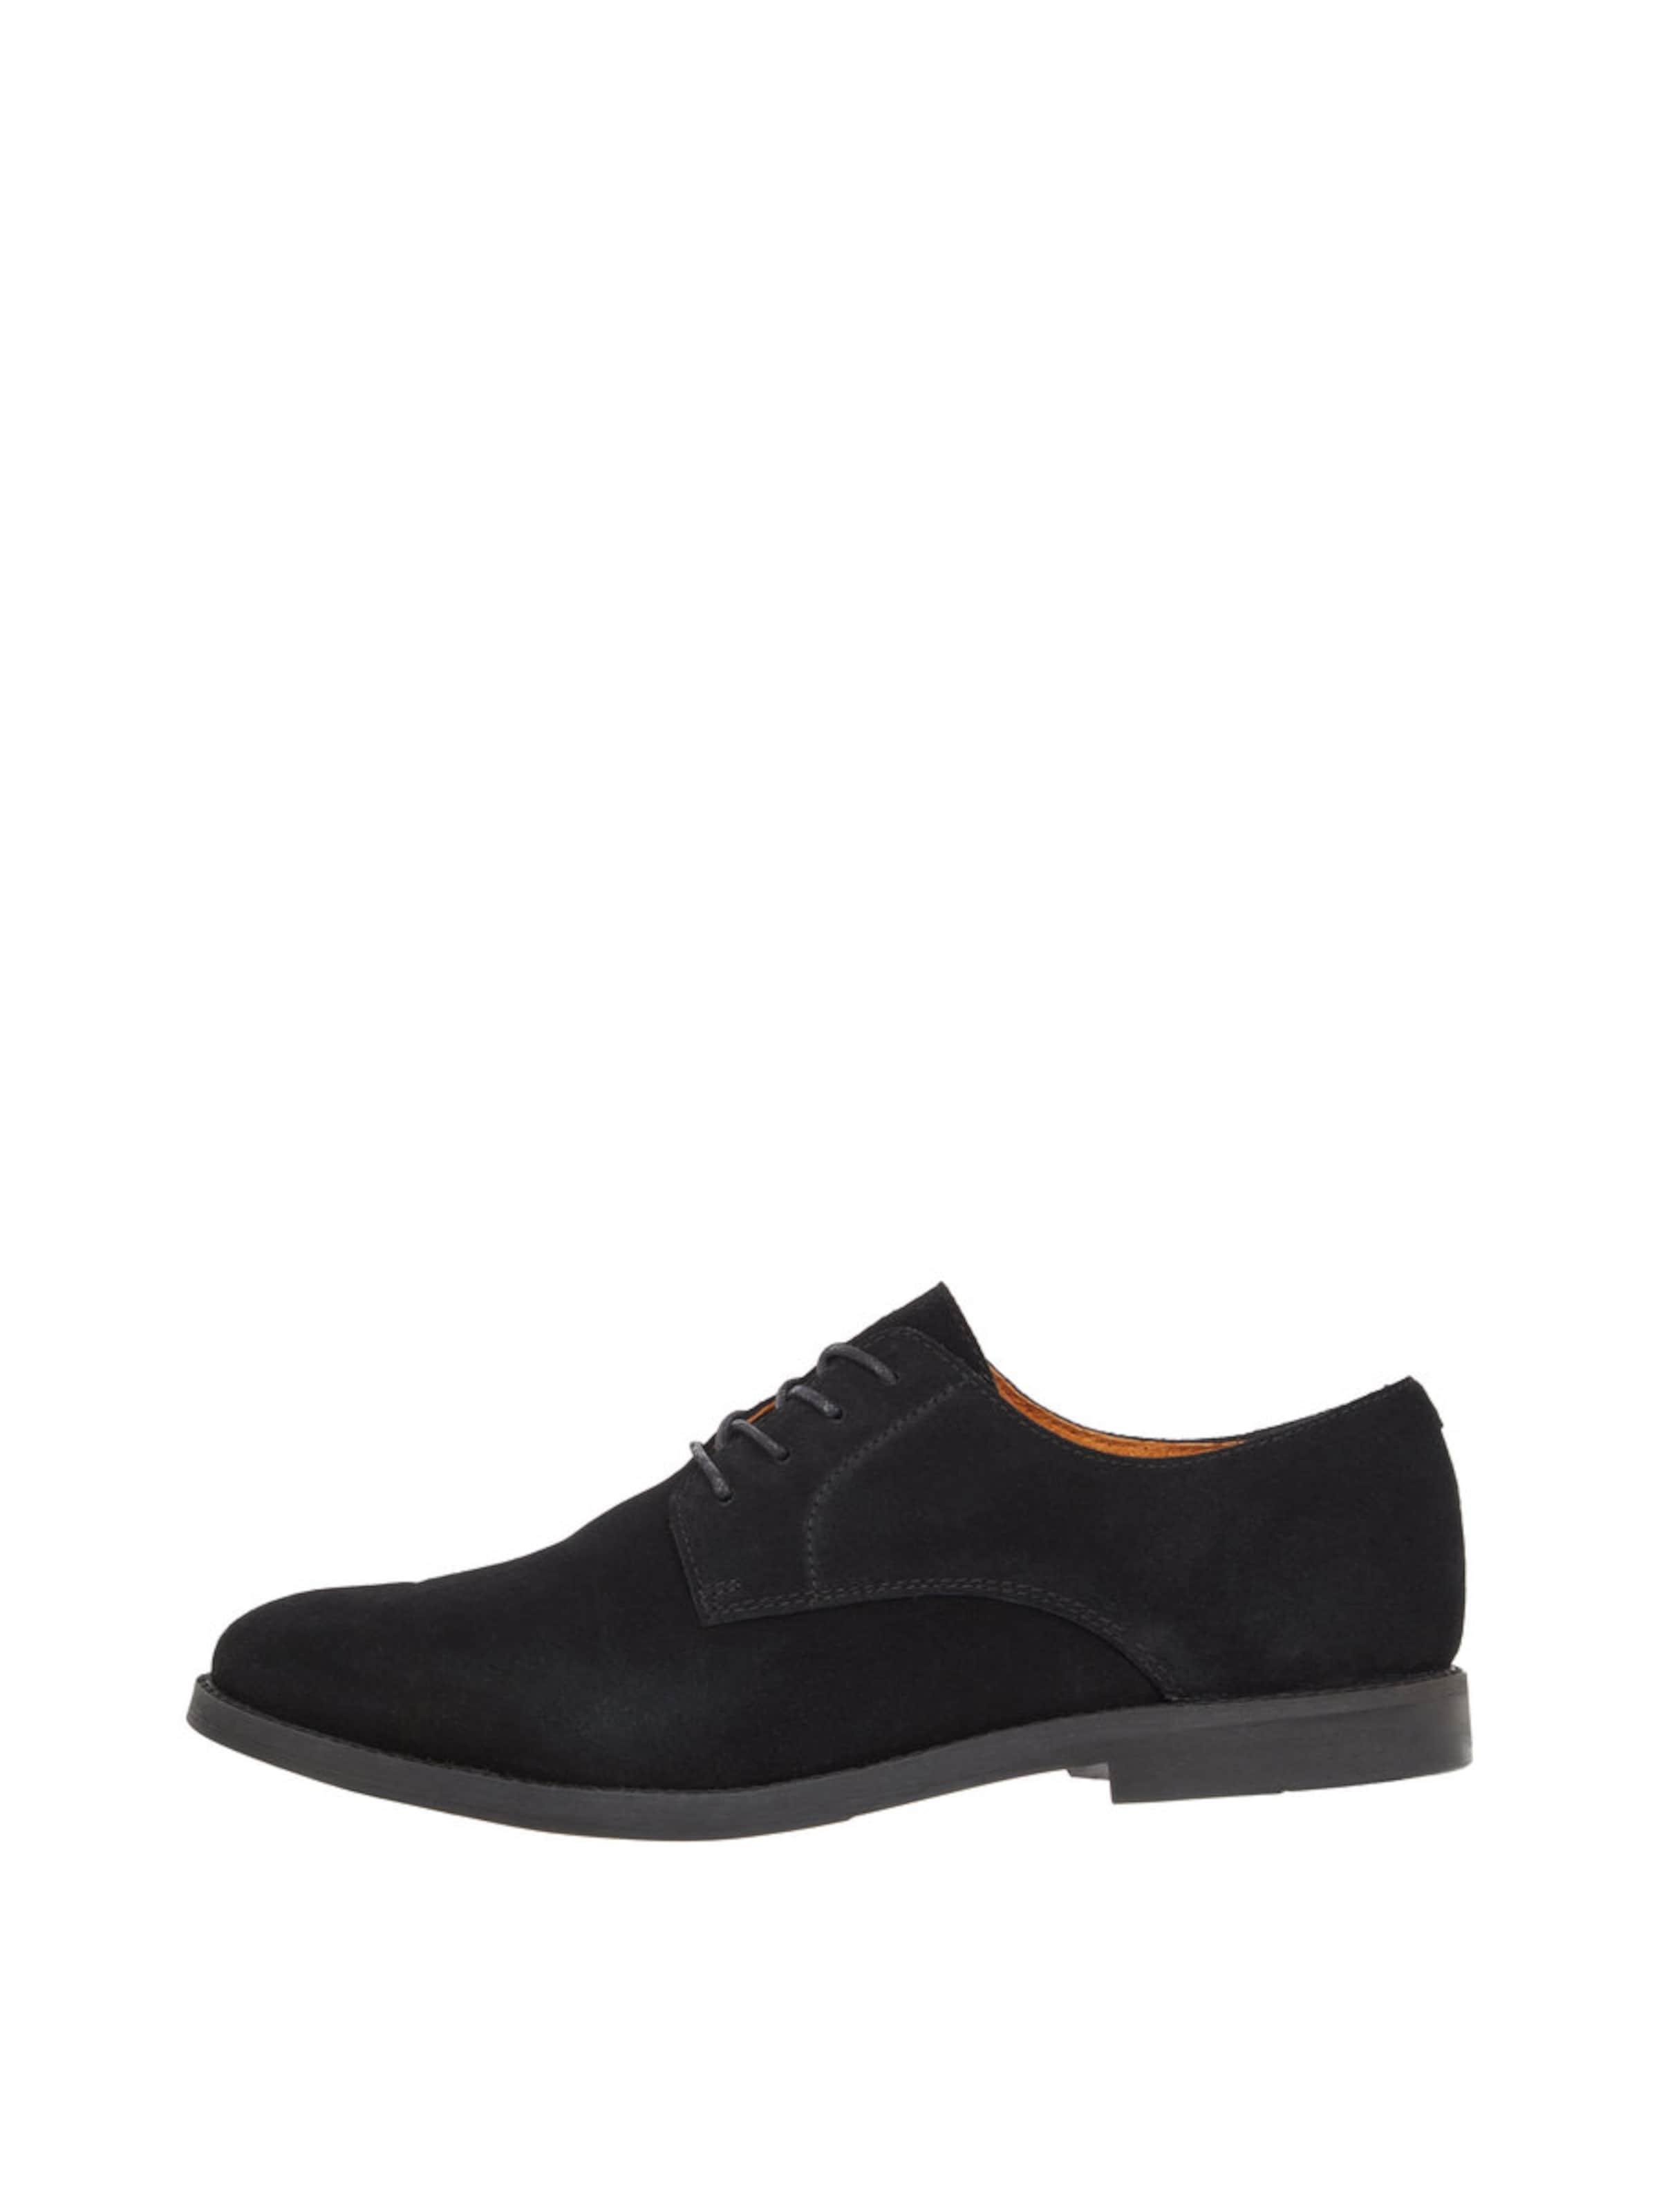 Bianco Derby-Schuhe Günstige und langlebige Schuhe